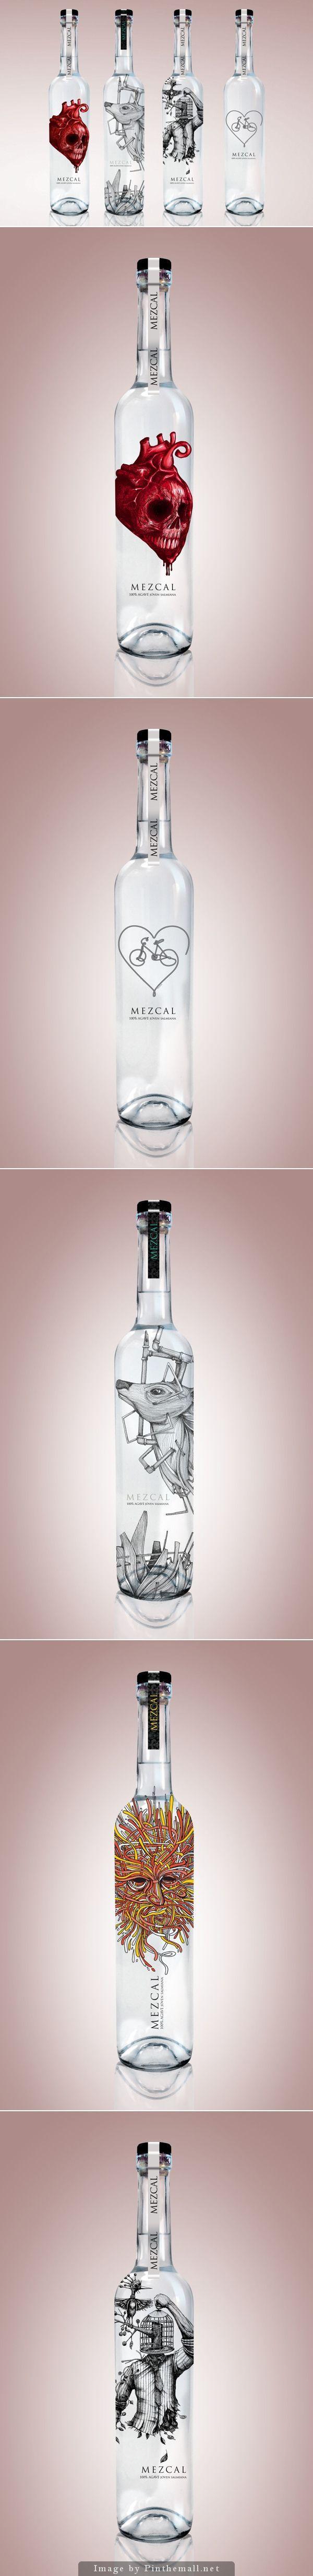 Mezcal Packaging on Behance   Fivestar Branding – Design and Branding Agency & Inspiration Gallery